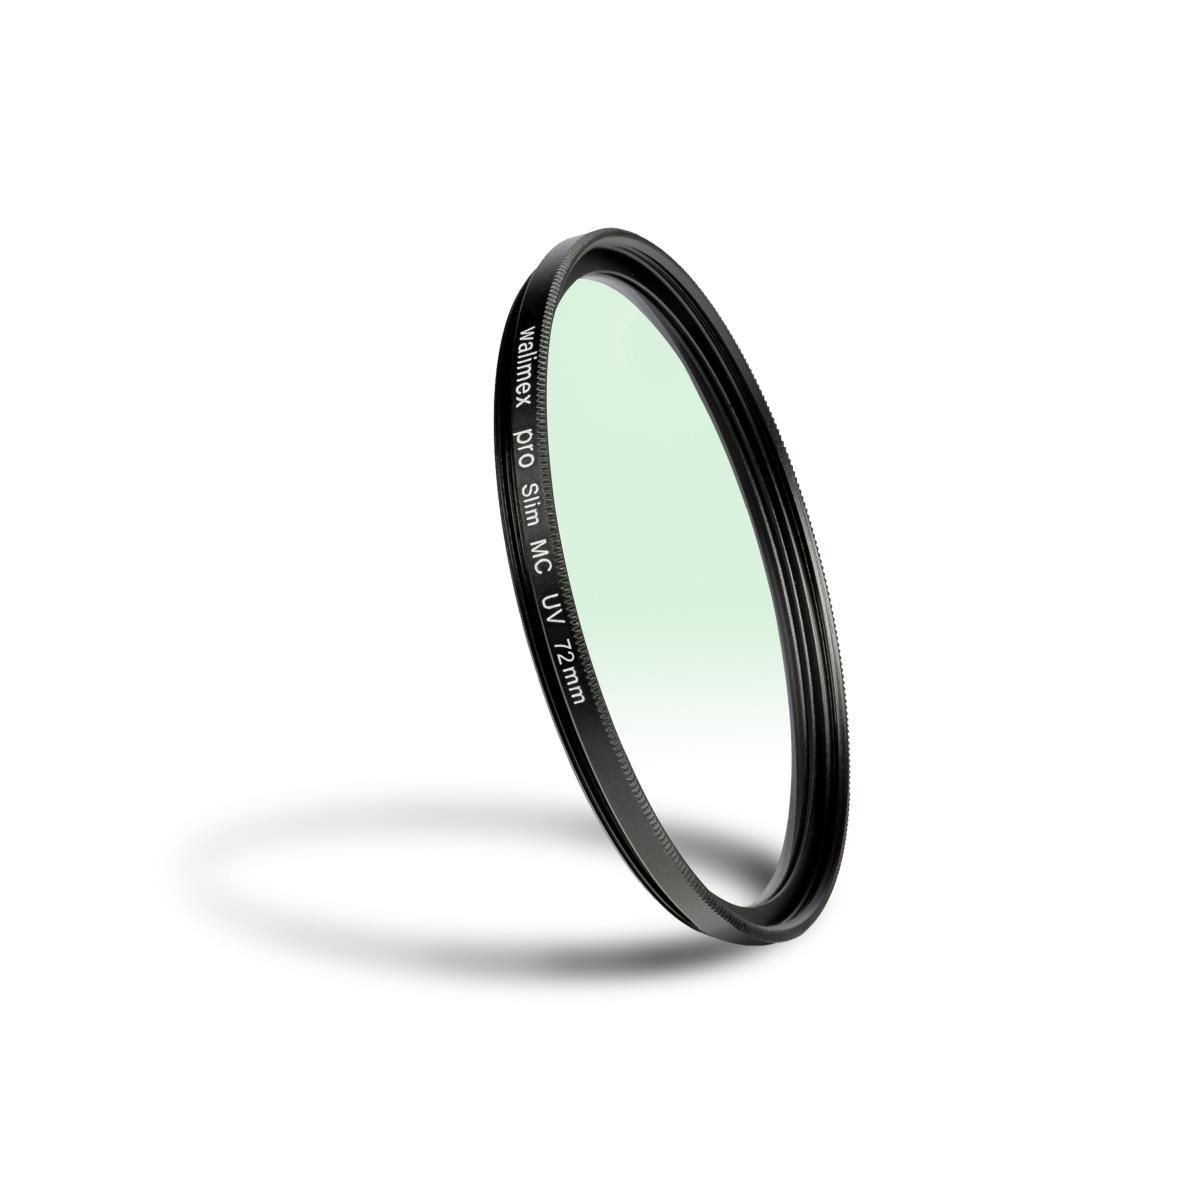 Walimex pro UV-Filter slim MC 72mm